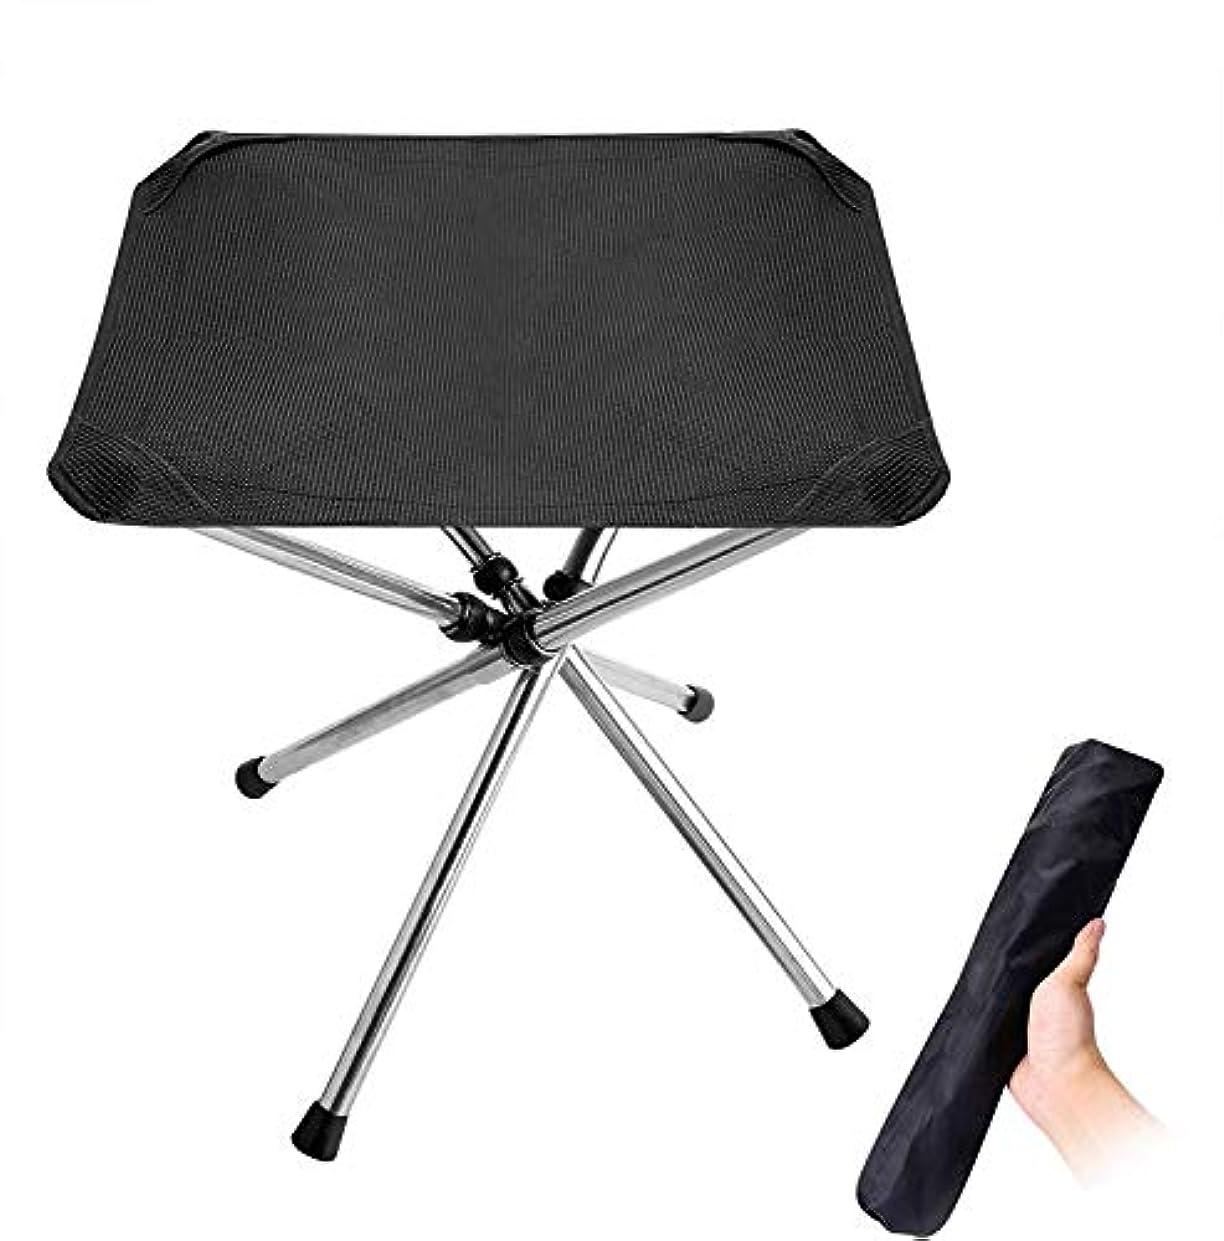 明らかメタン細部おりたたみいす 椅子 アウトドアチェア 超軽量 持ち運びに便利 収納バッグ付き コンパクトチェア キャンプイス 耐久性に優れ バーベキュー/お釣り/お花見/登山に 二色セット